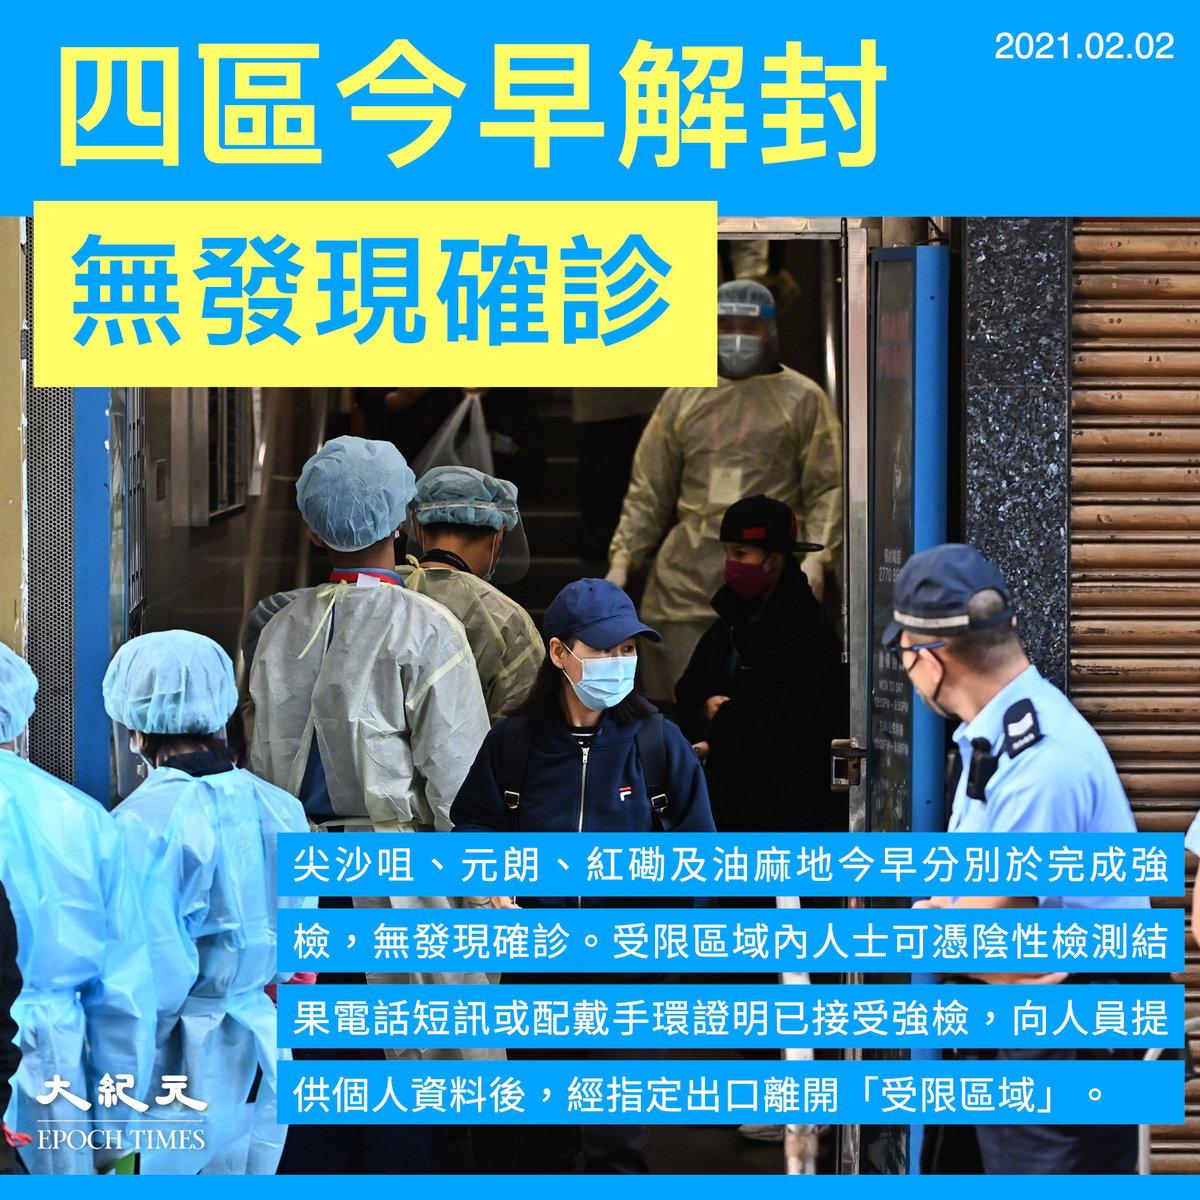 2月1日晚間,港府突封四區強檢逾1,700人,但並無發現確診個案。(大紀元製圖)